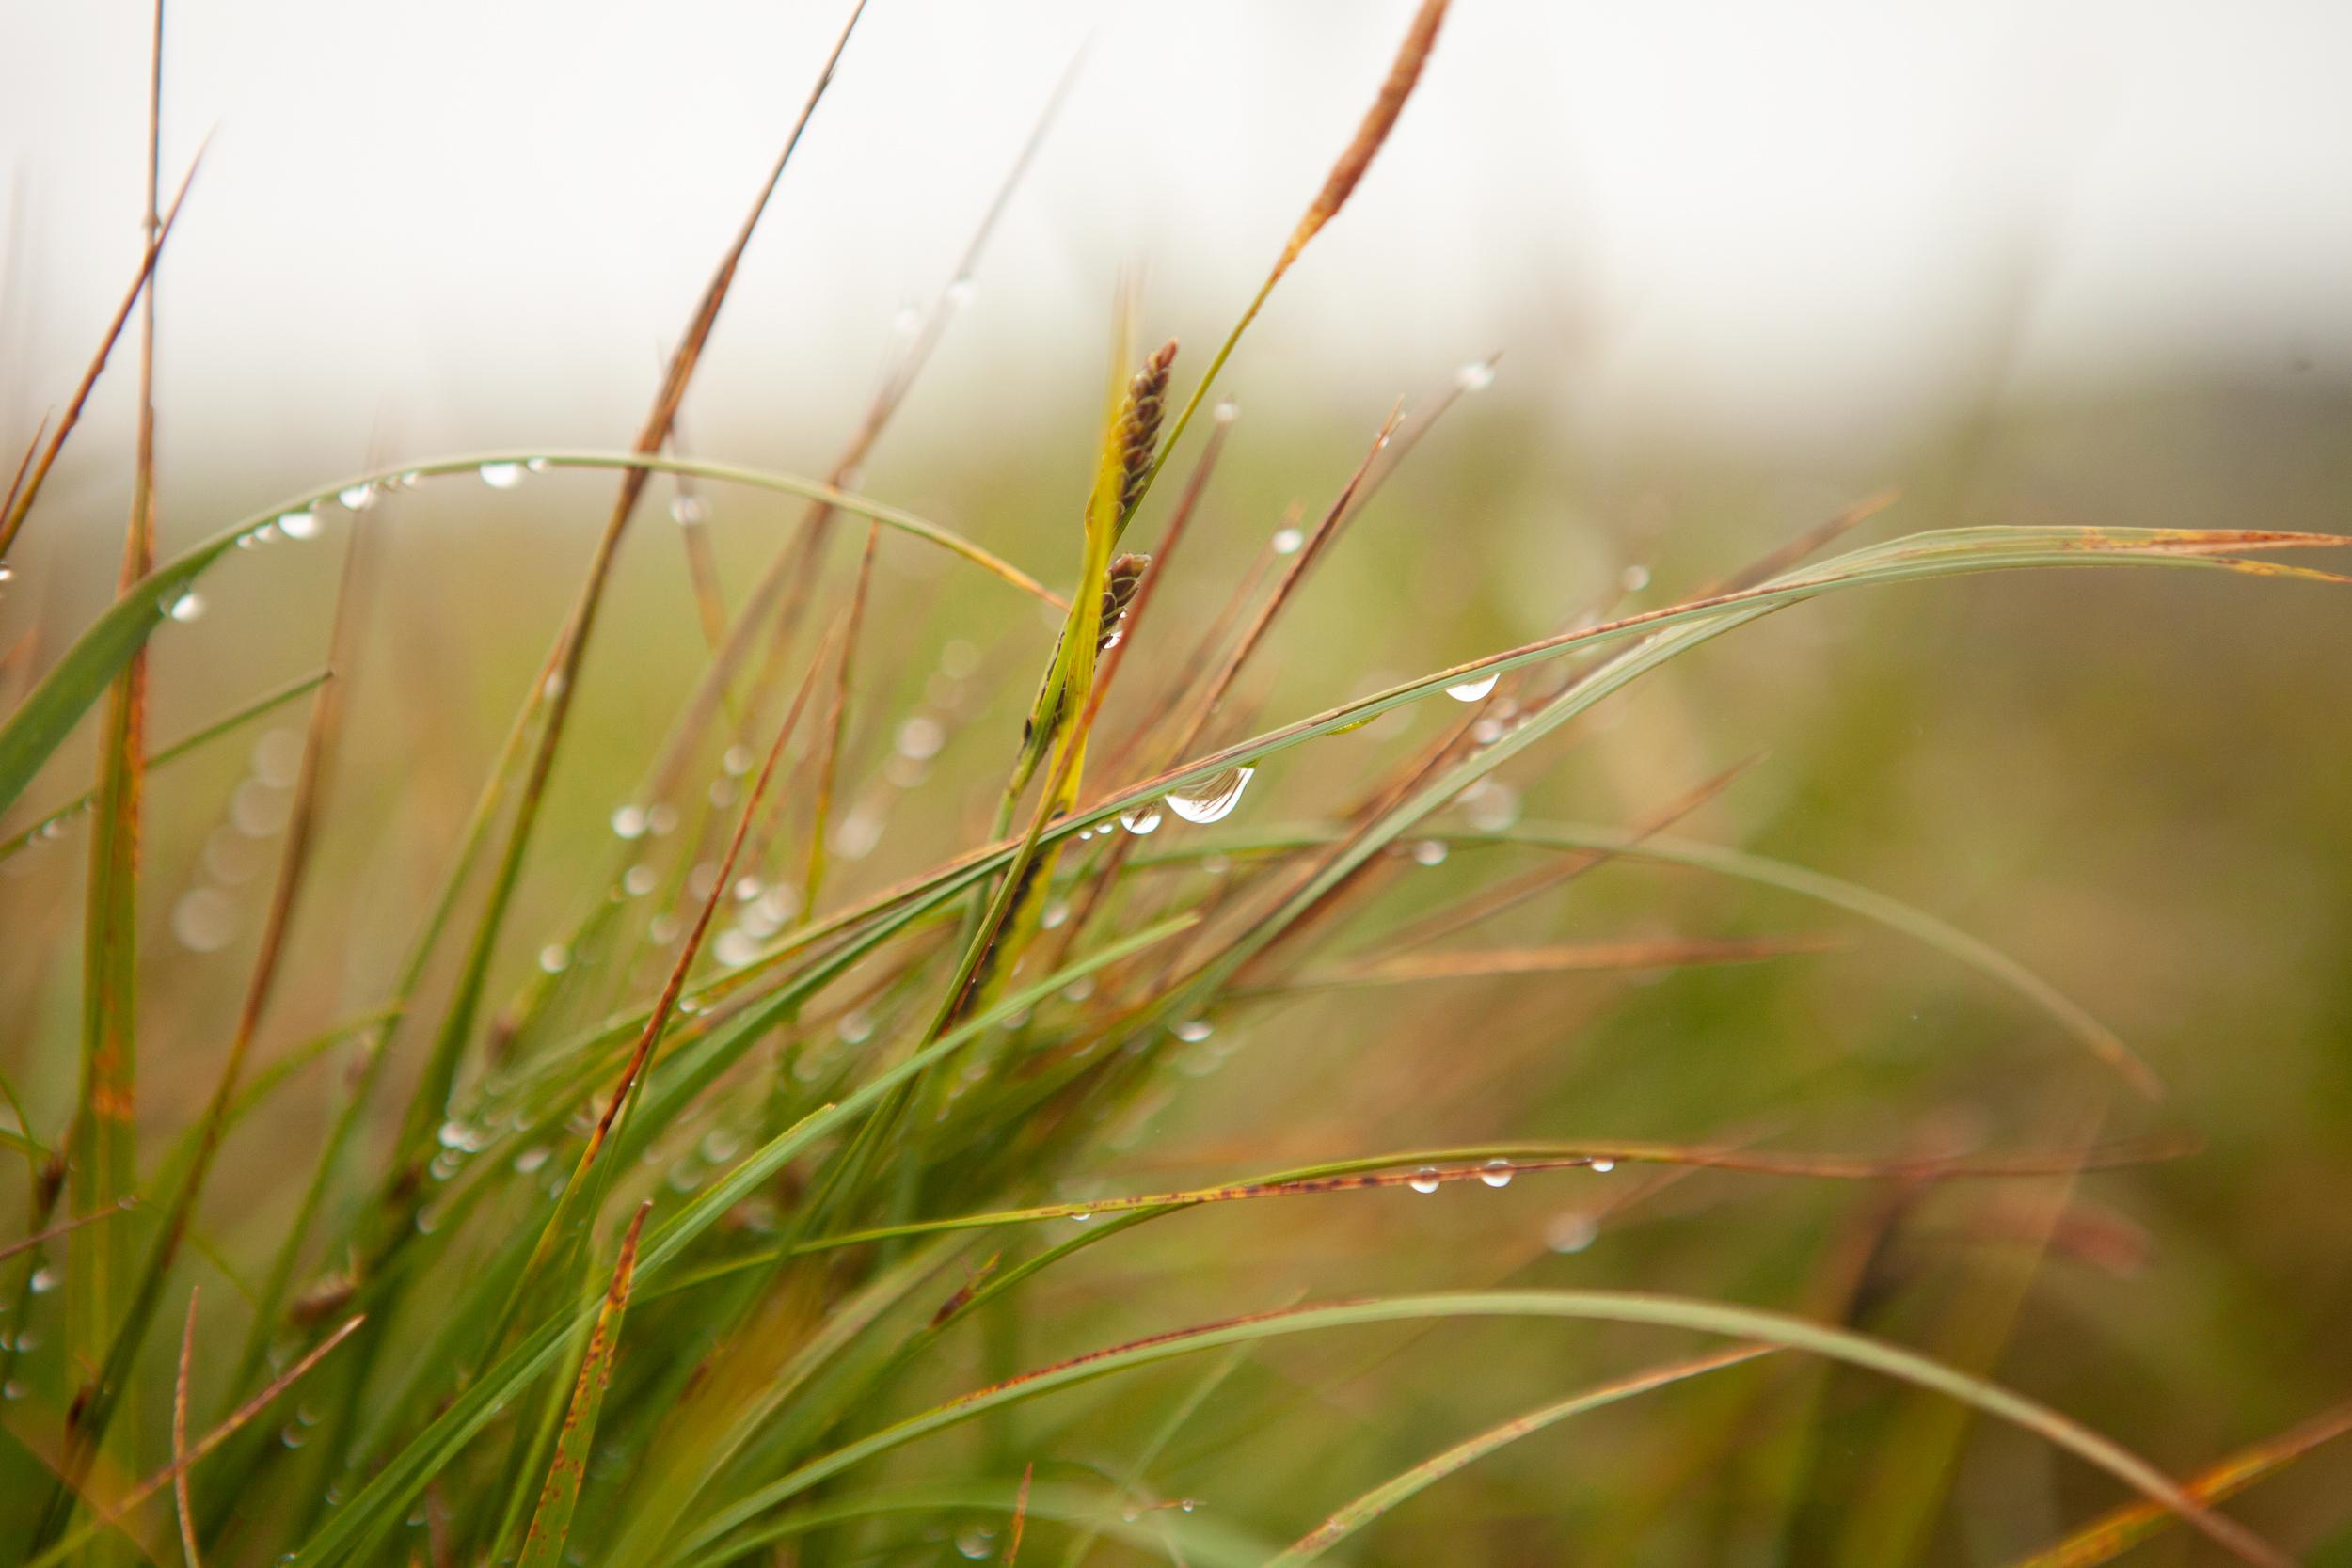 dew-drop•